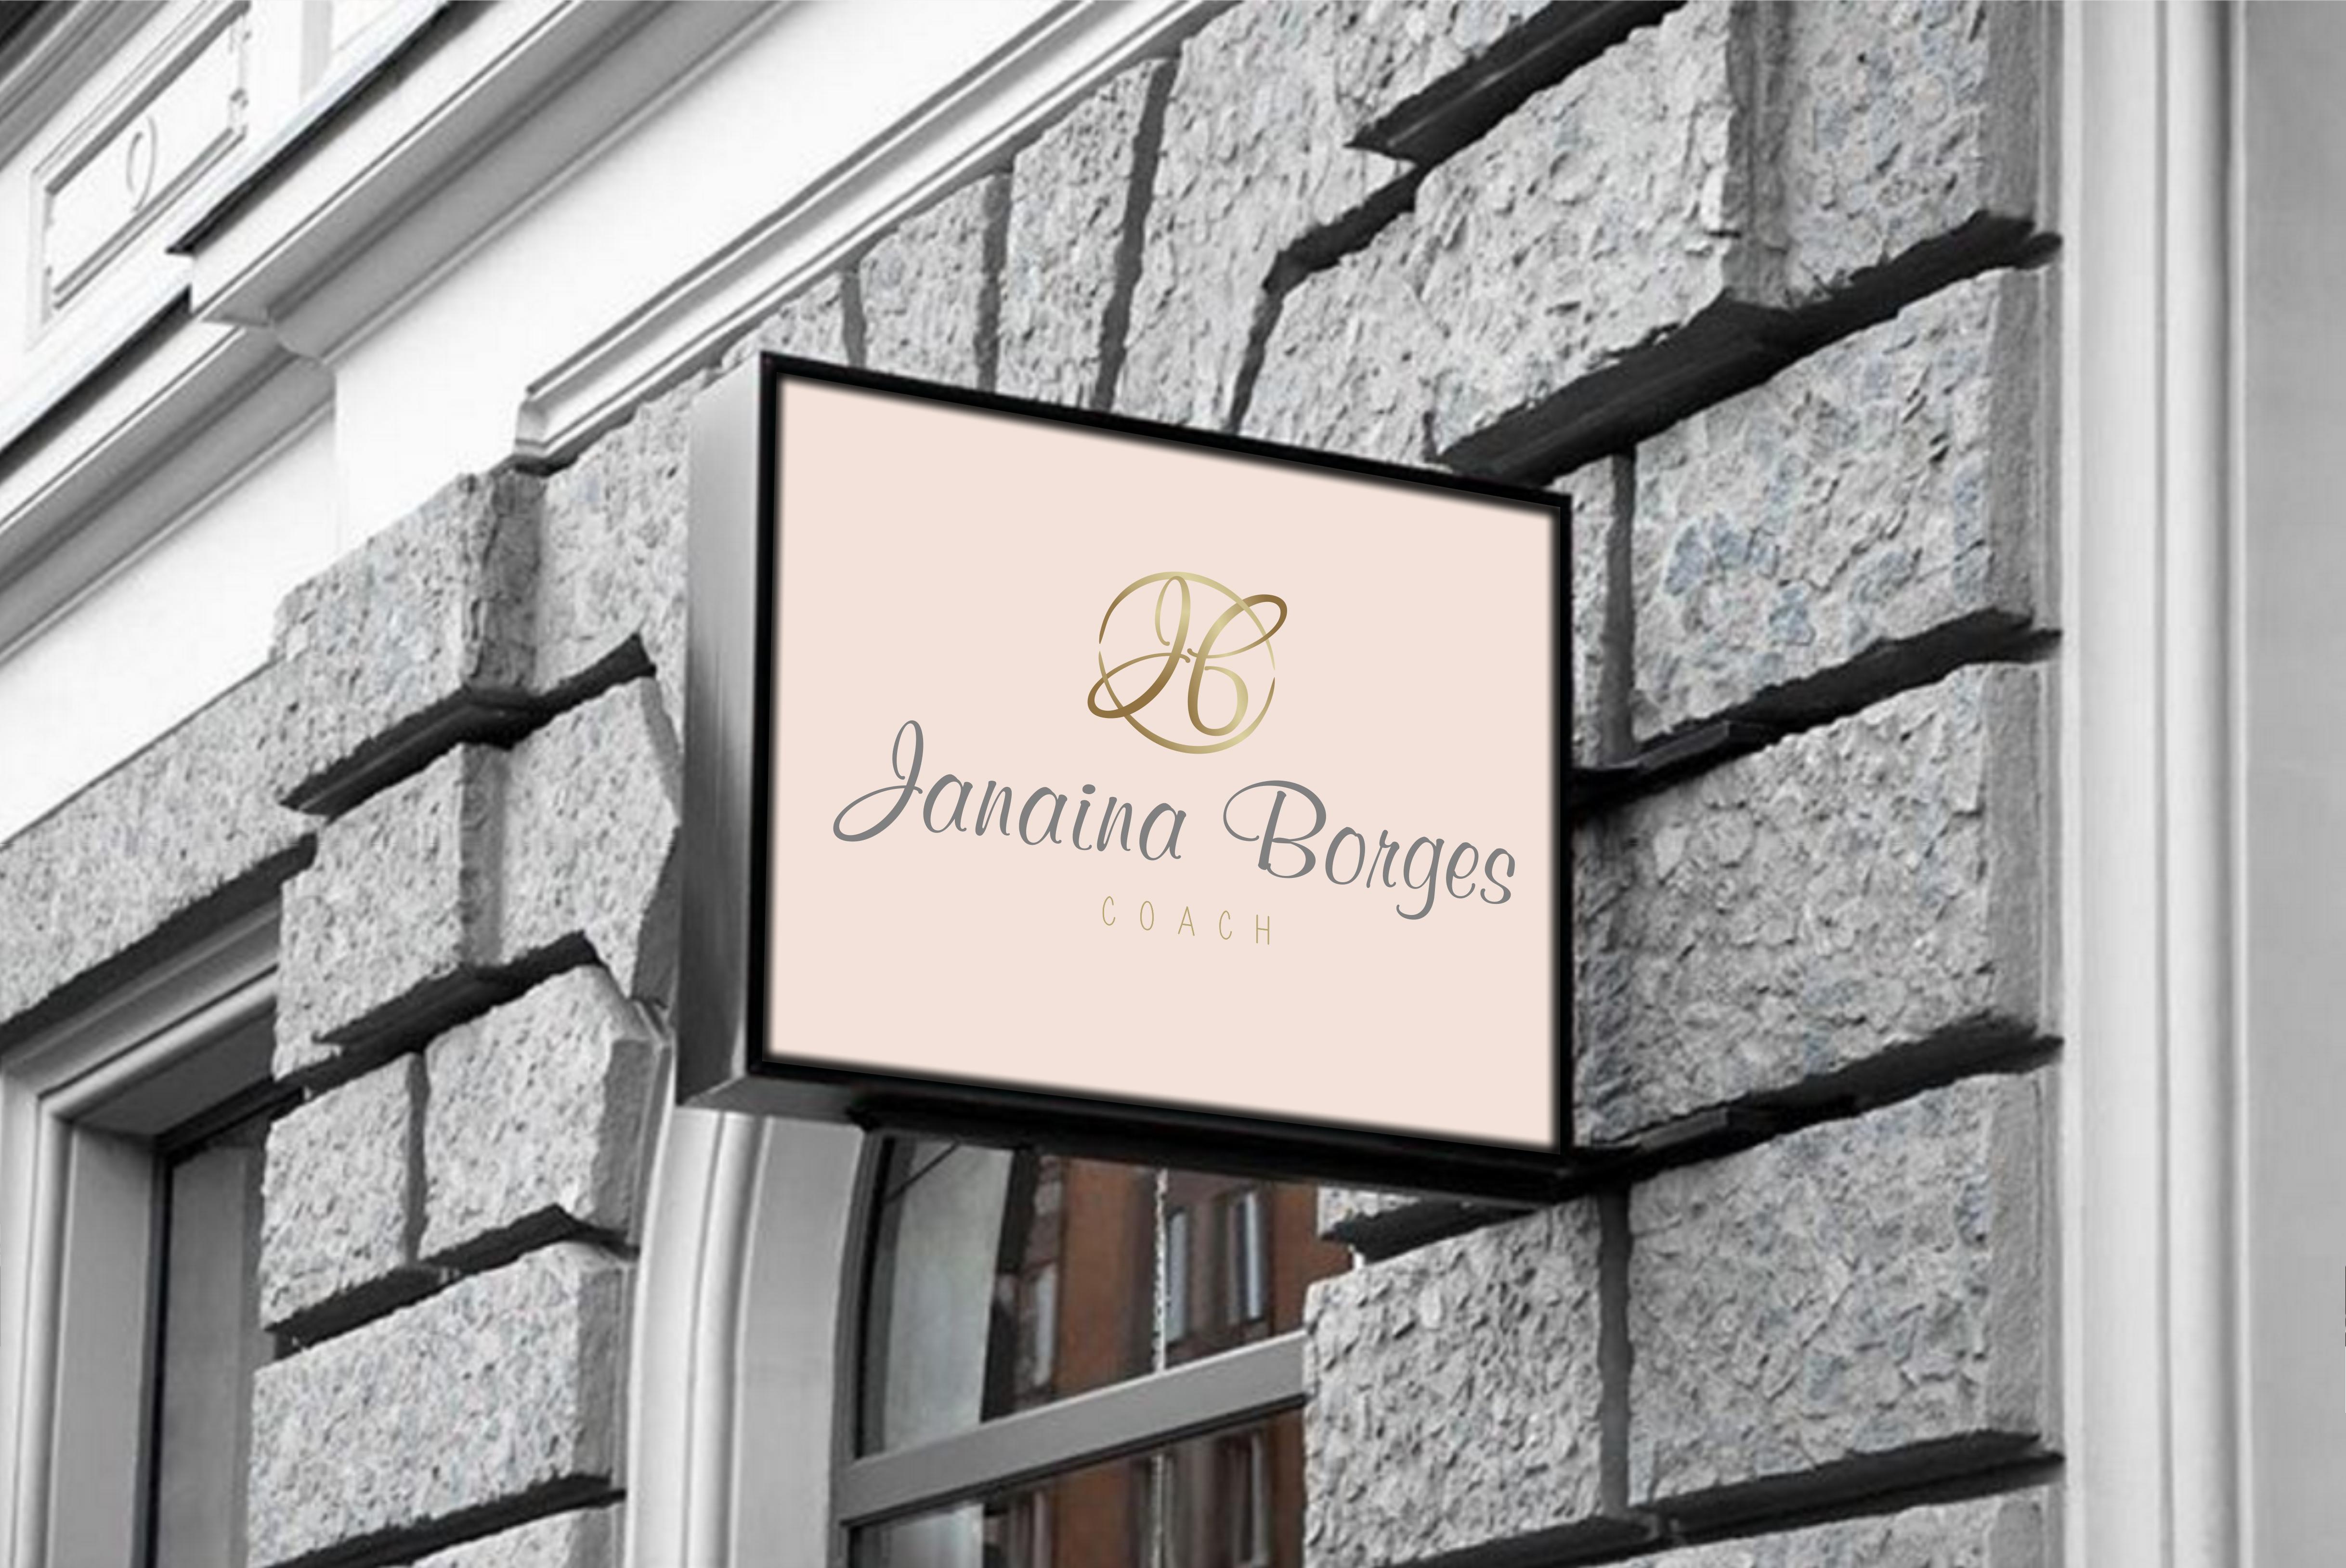 JANAINA BORGES